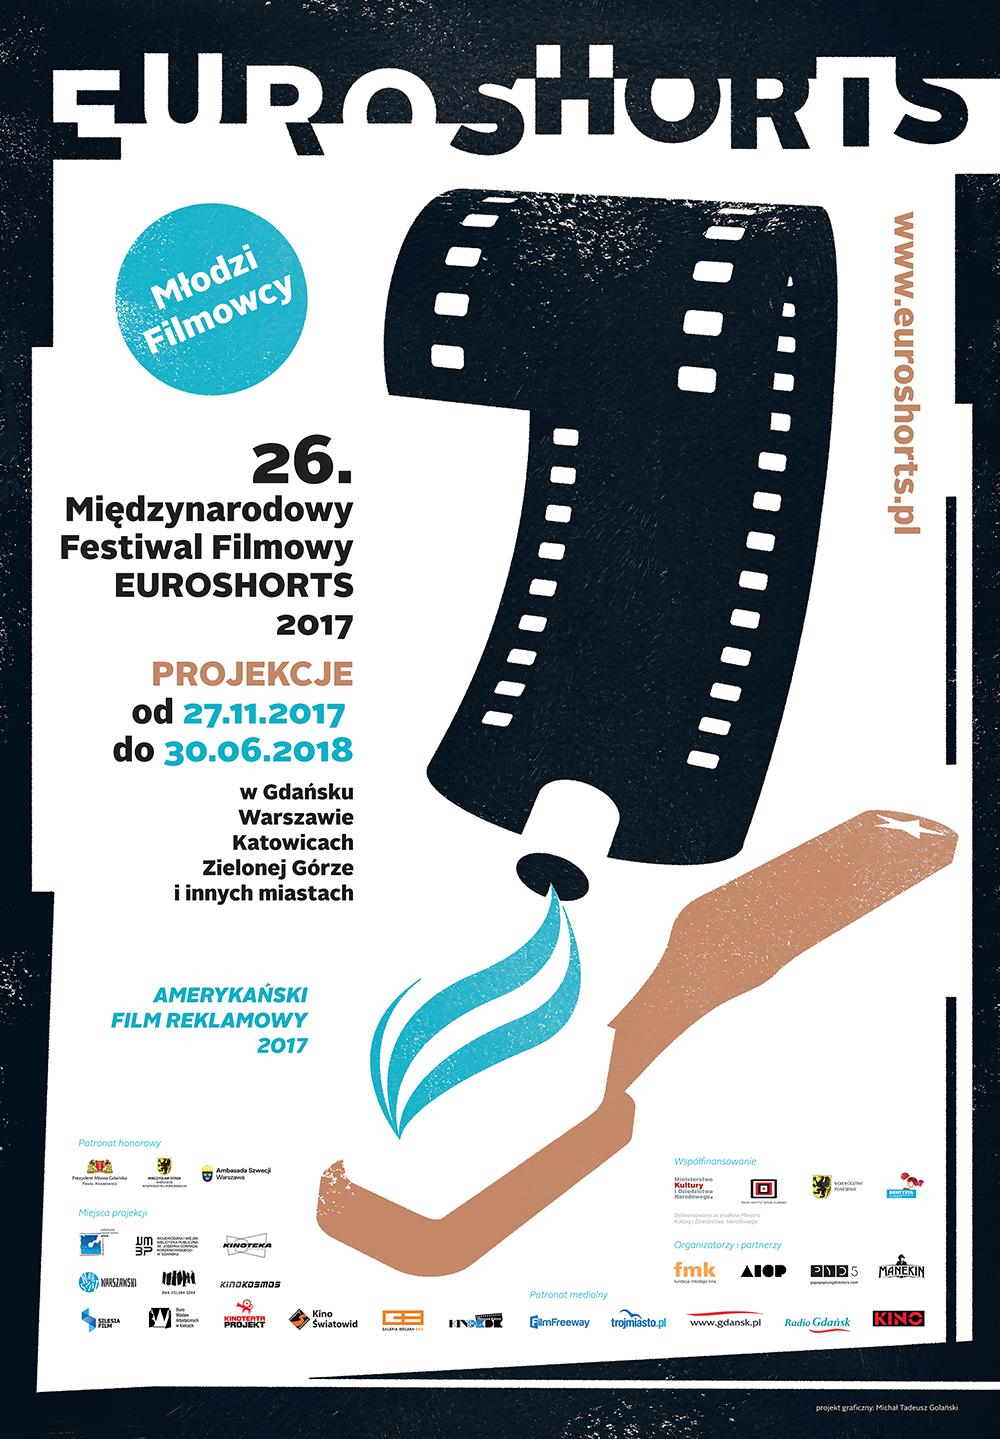 Euroshorts Young Filmmakers - Gdańsk, Poland | November 27, 2017